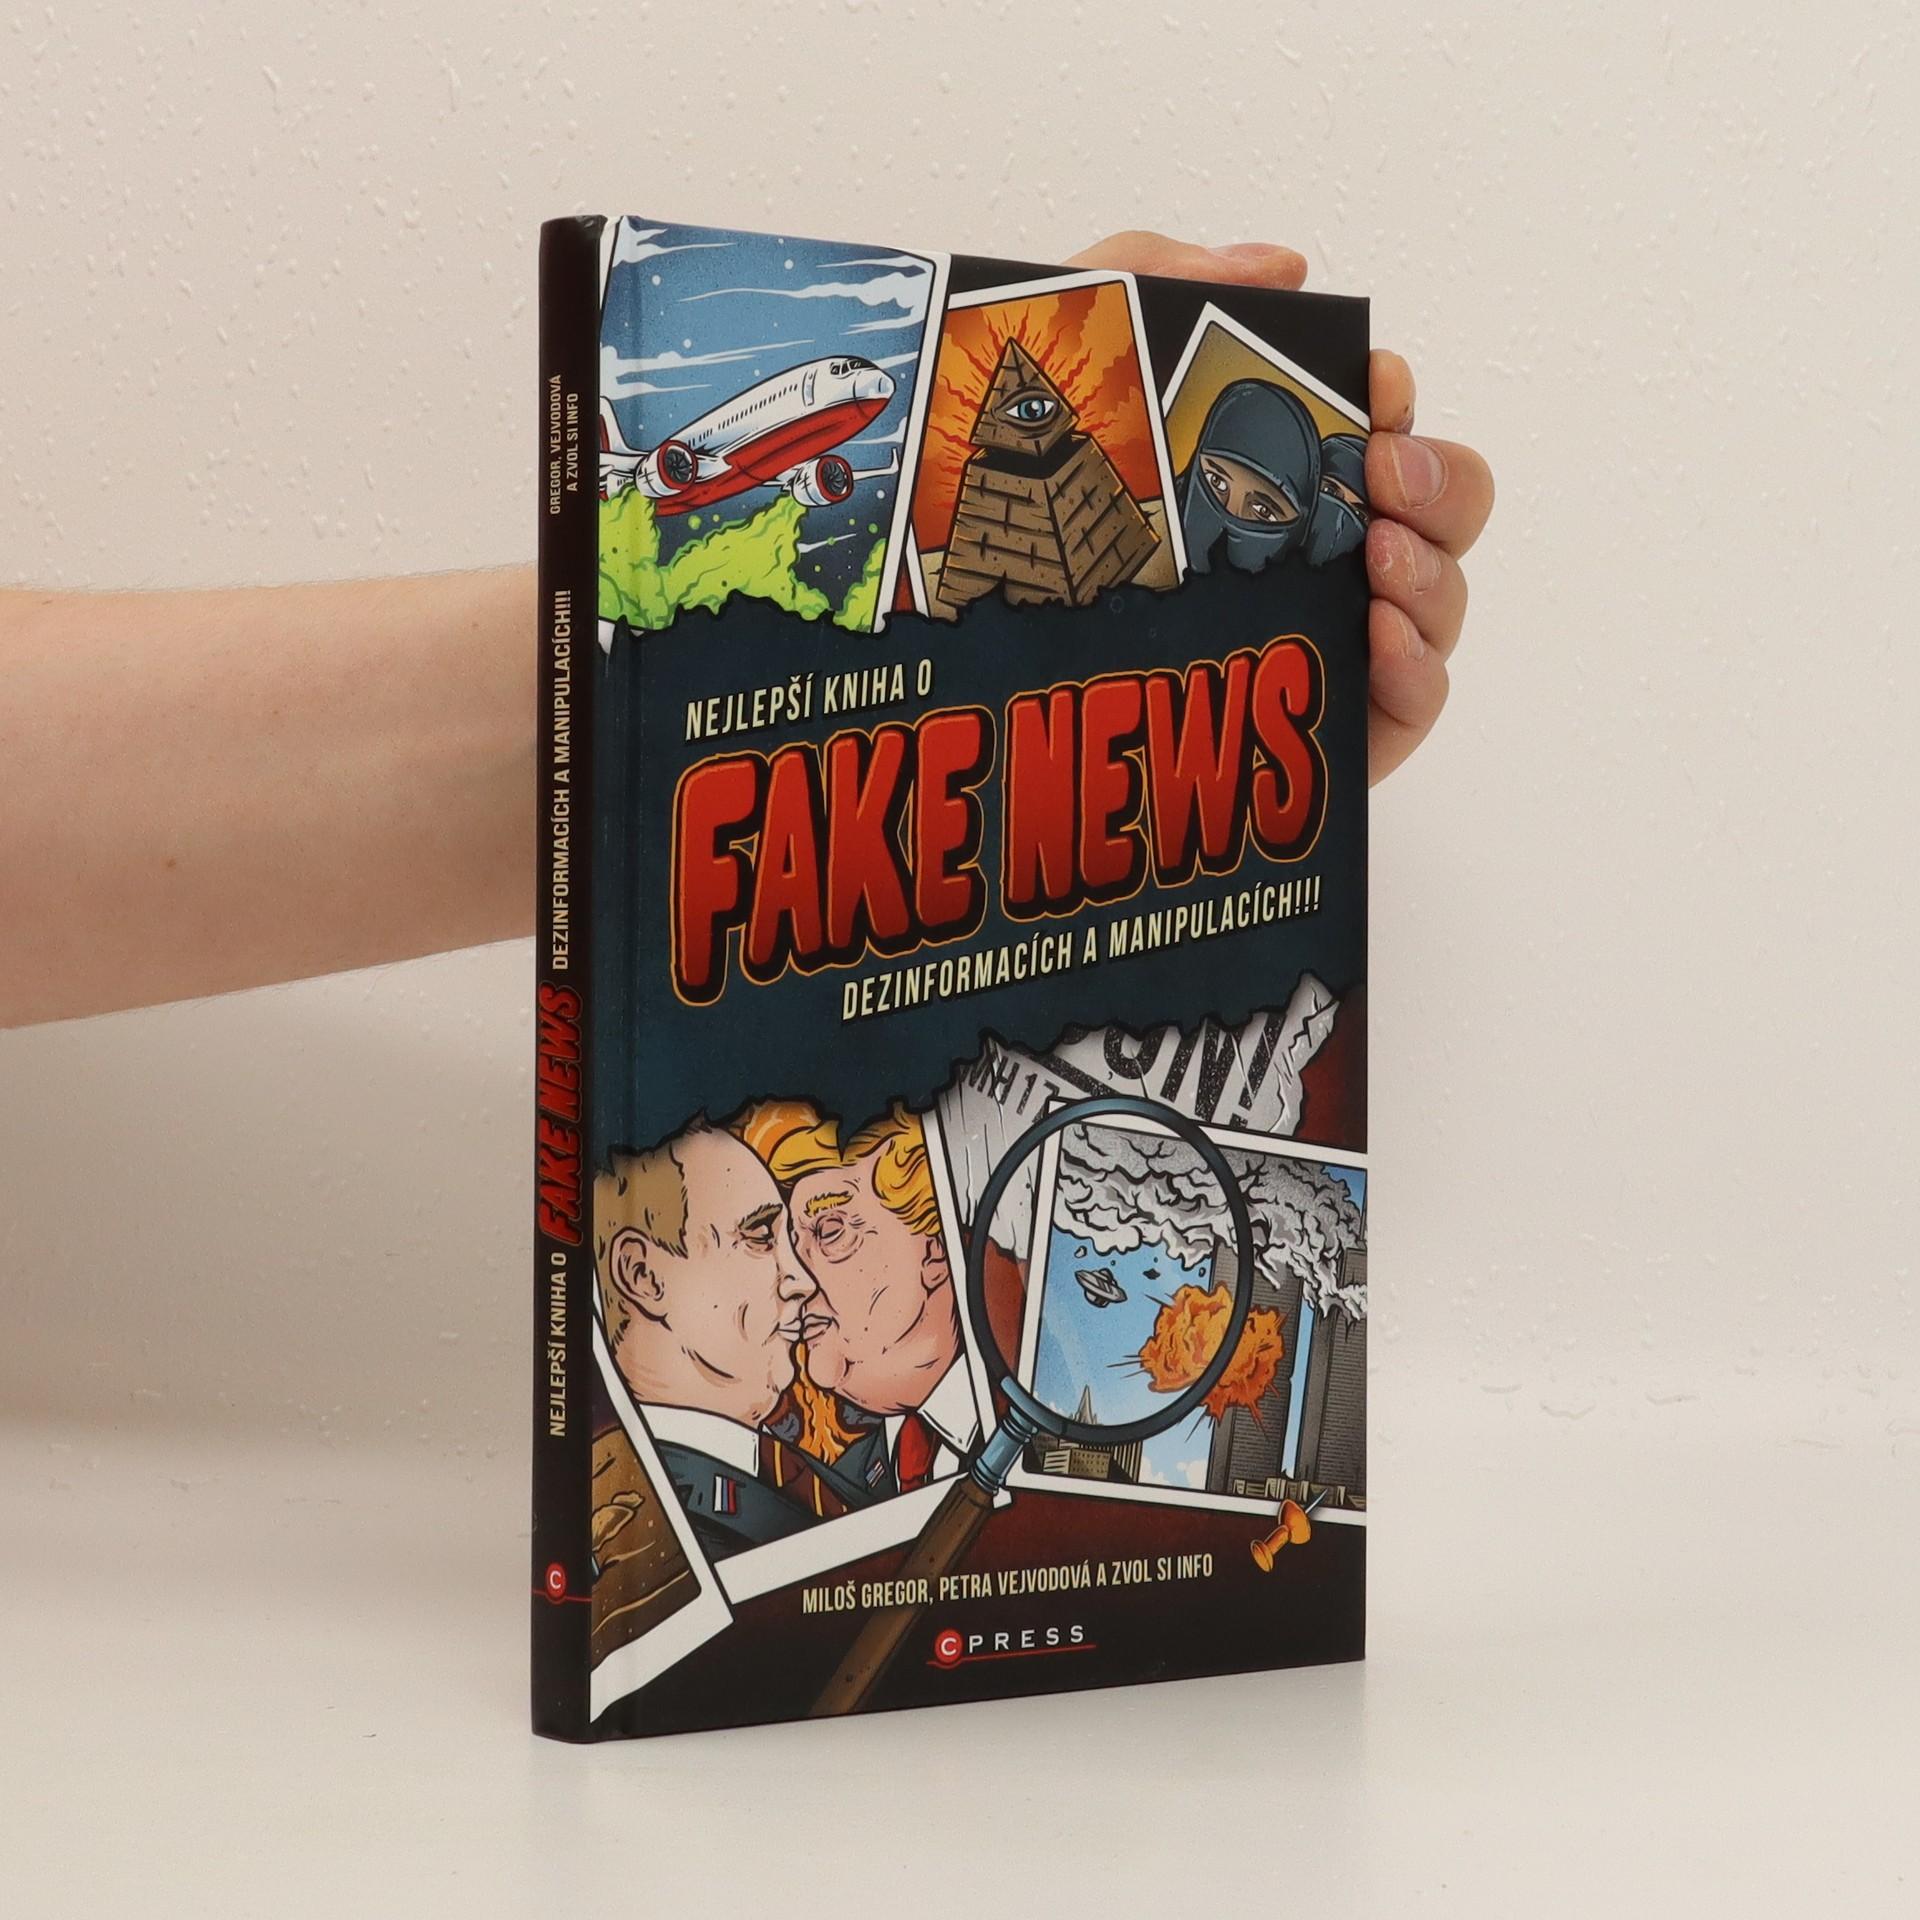 antikvární kniha Nejlepší kniha o fake news, dezinformacích a manipulacích!!!, 2018